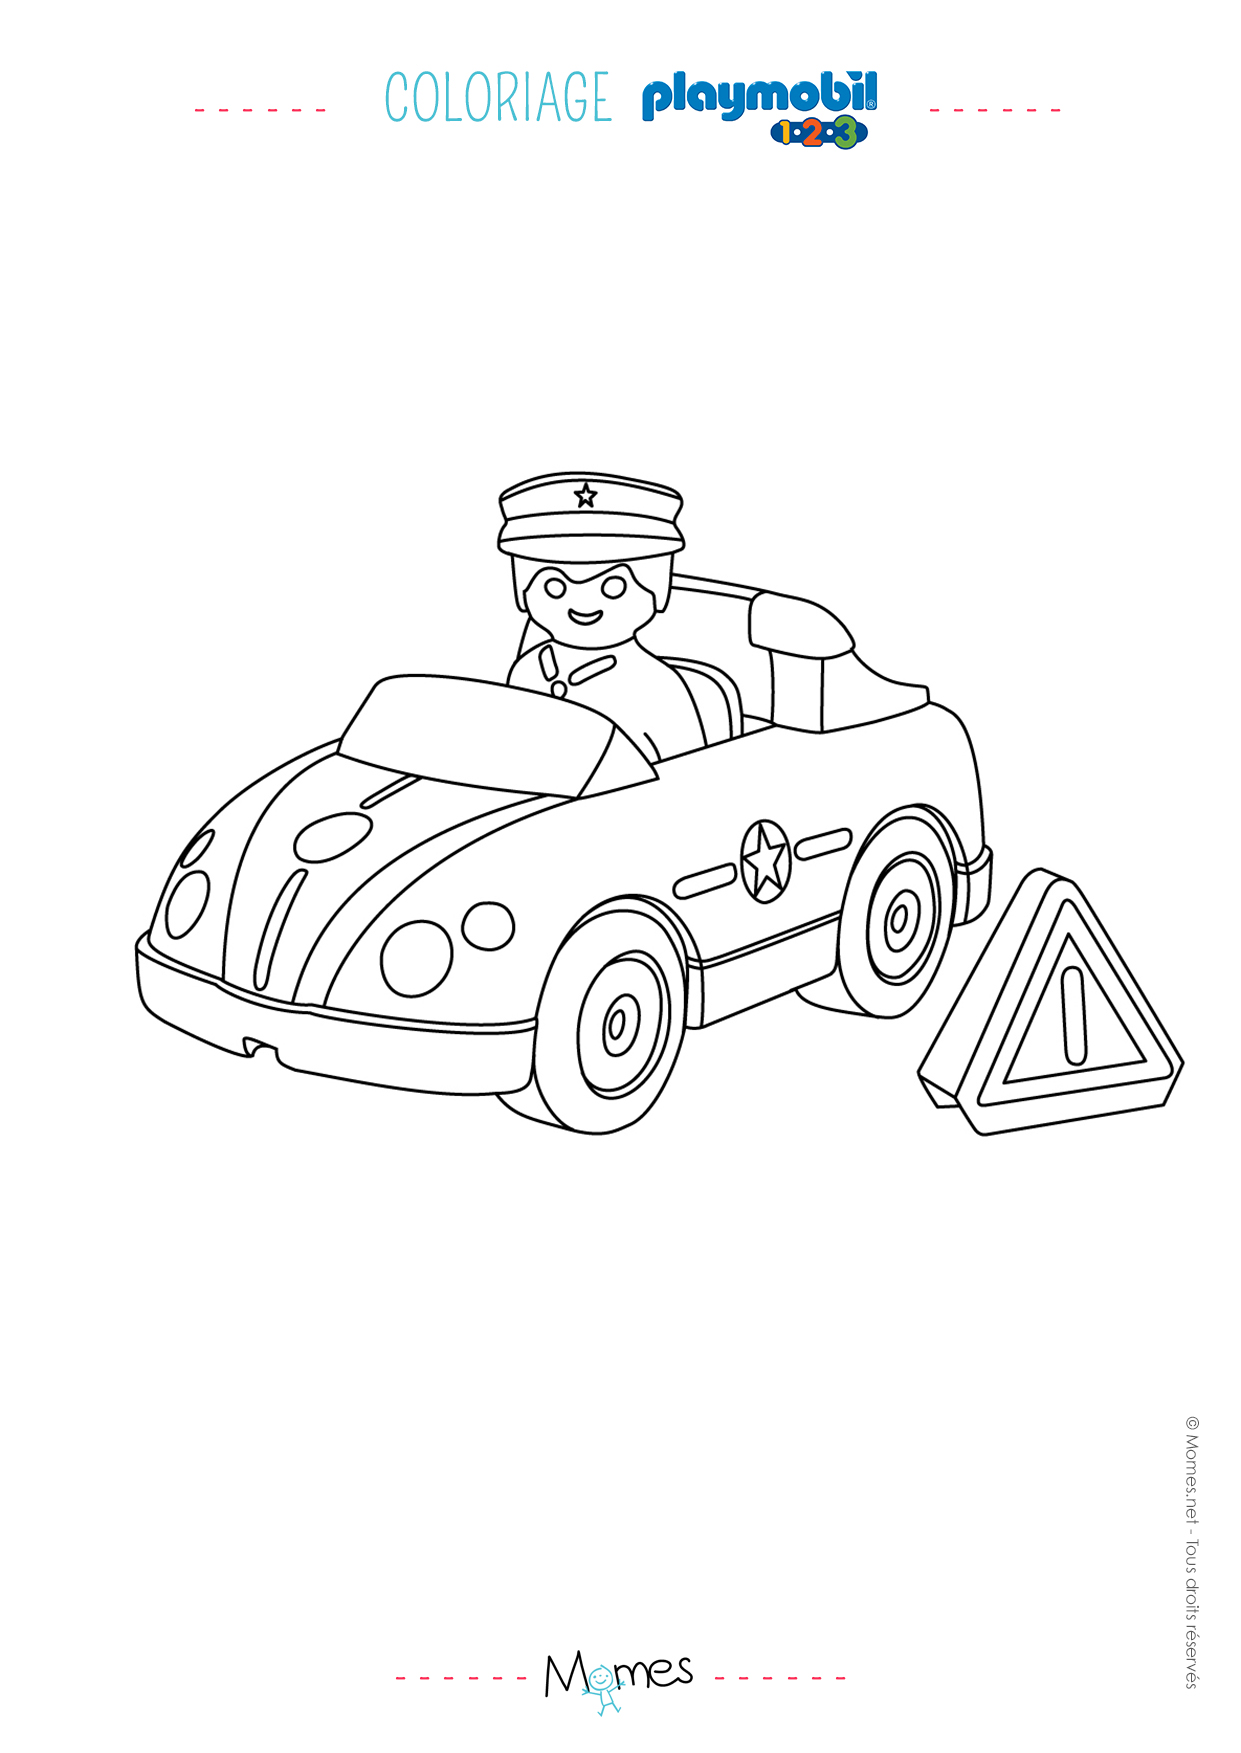 Coloriage La voiture de police et le policier Playmobil 123